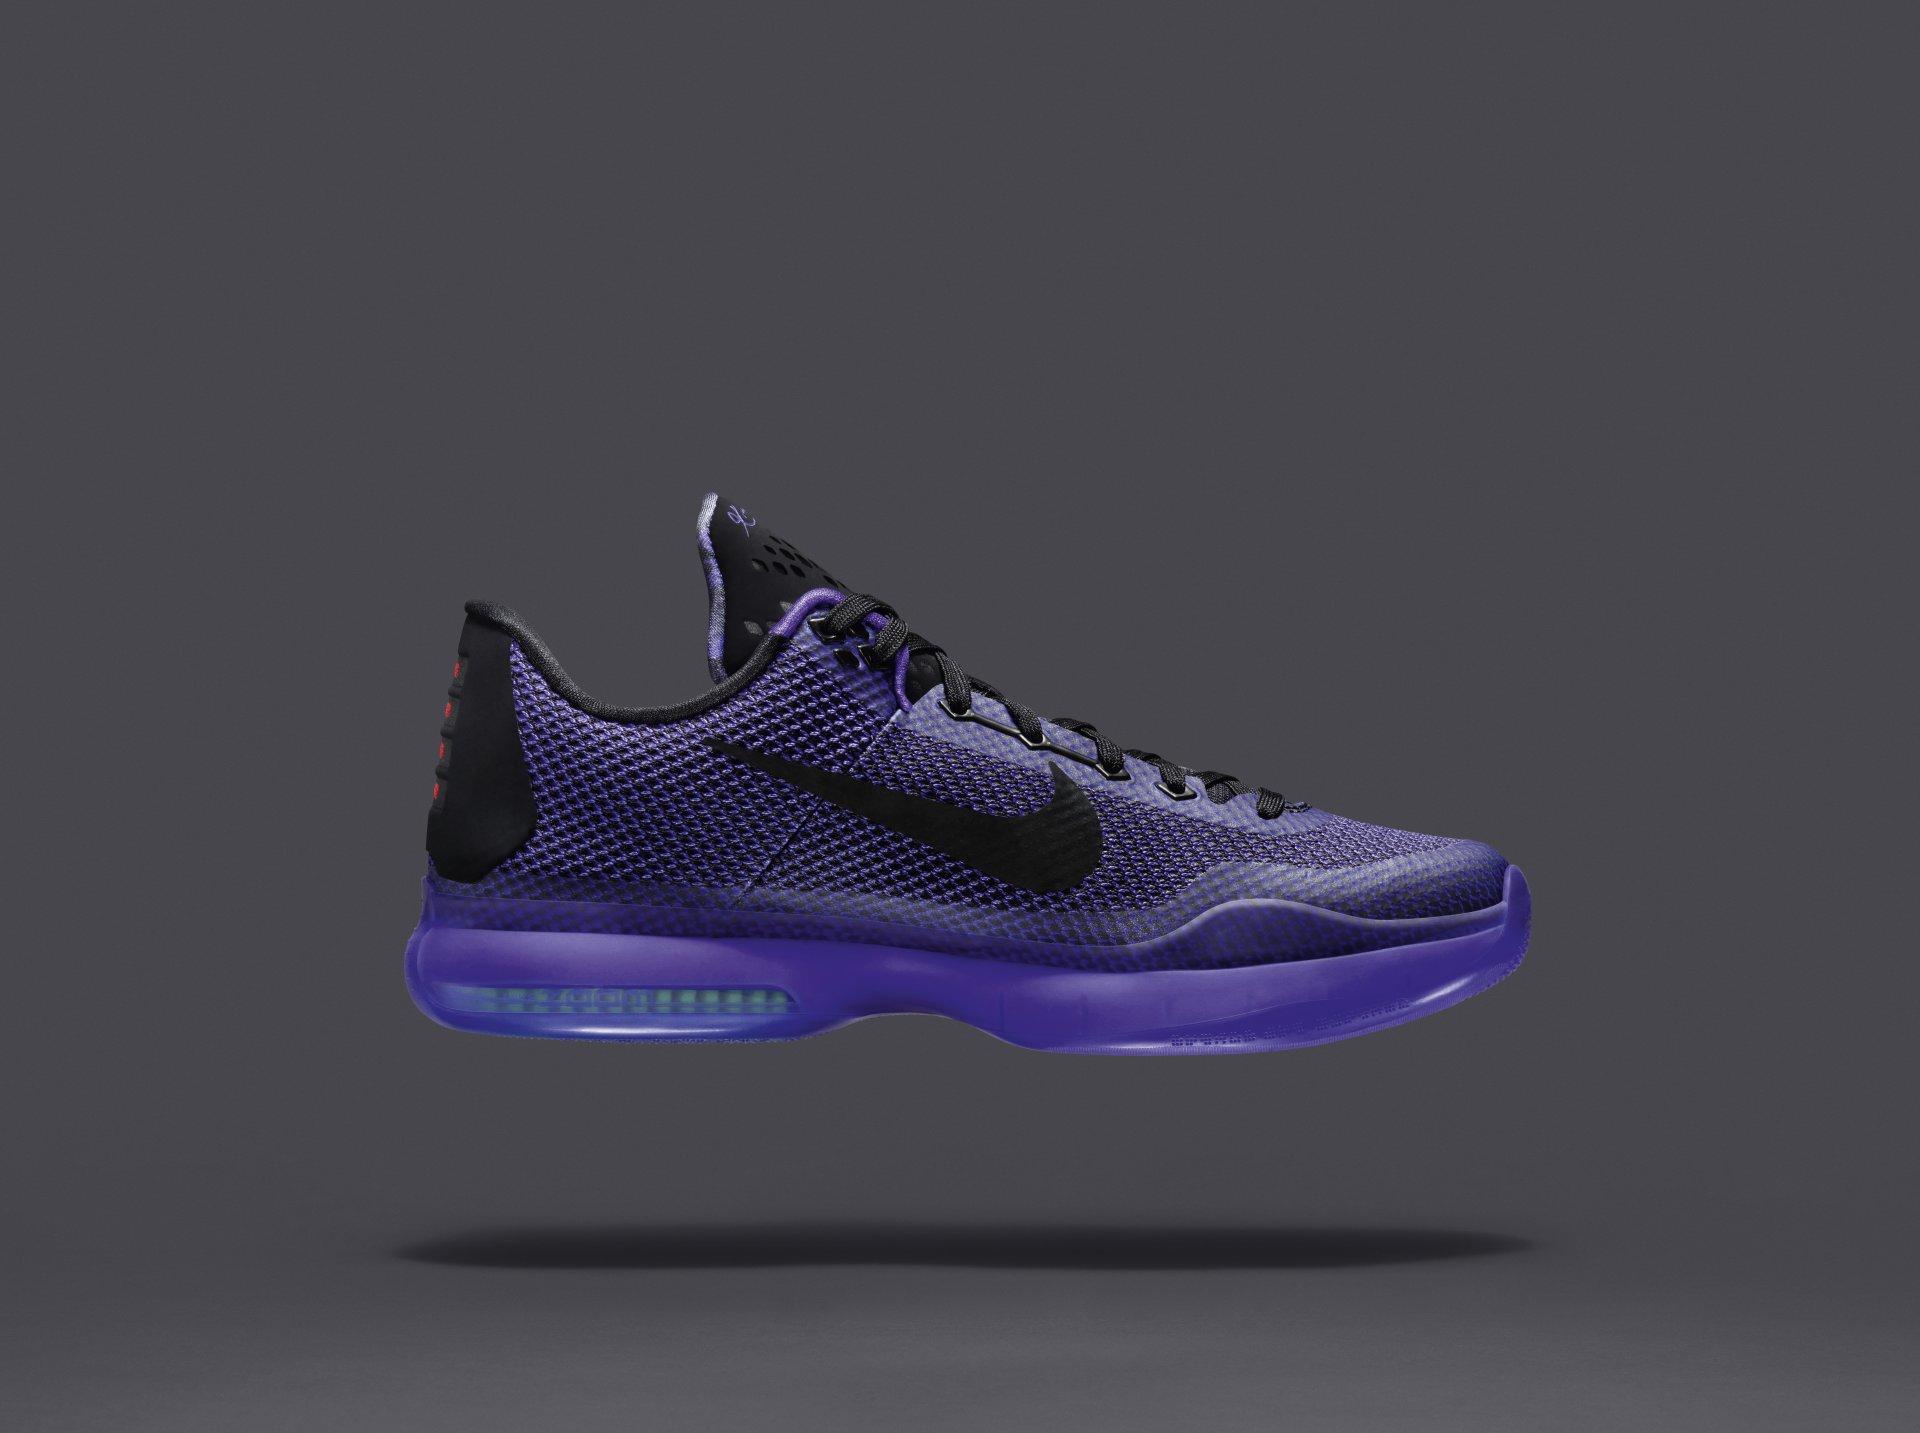 sports shoes f9a26 237cb NIKE KOBE X 10 BLACKOUT 705317 005 Size 11